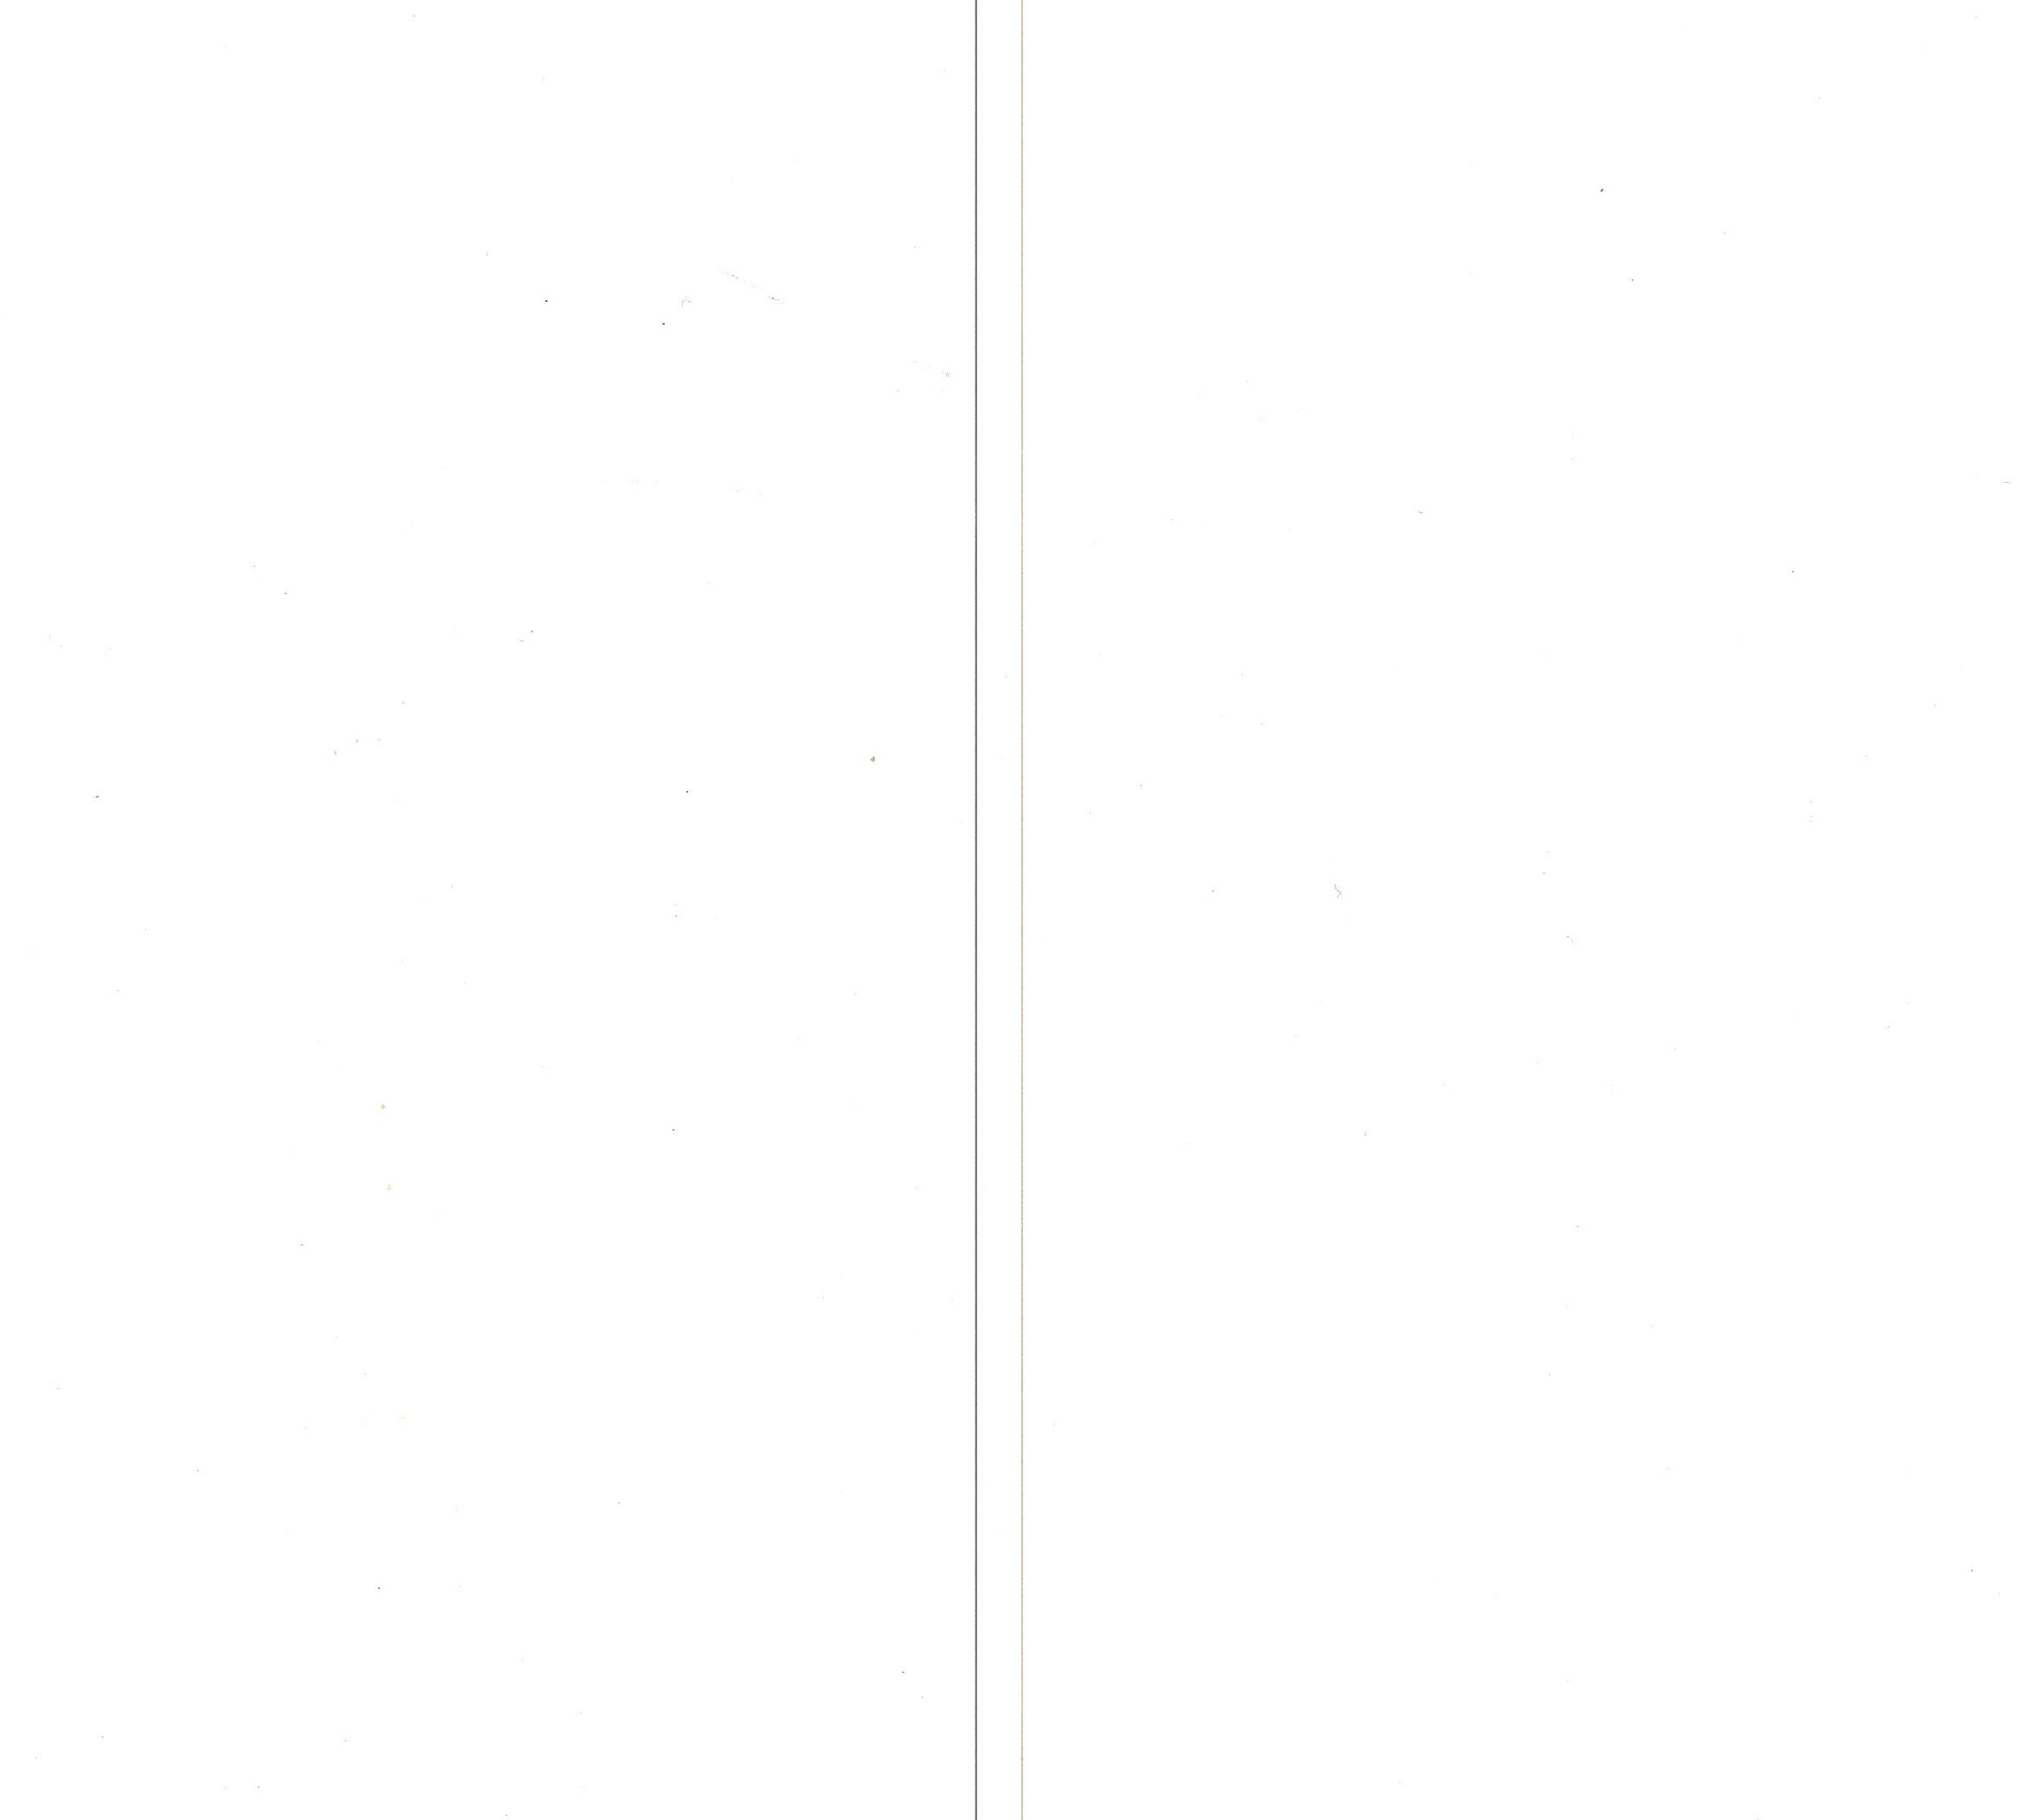 Πατήστε στην εικόνα για να τη δείτε σε μεγένθυνση  Όνομα:  Lexmark-Issue-With-Scan.jpg Εμφανίσεις:  112 Μέγεθος:  142,0 KB